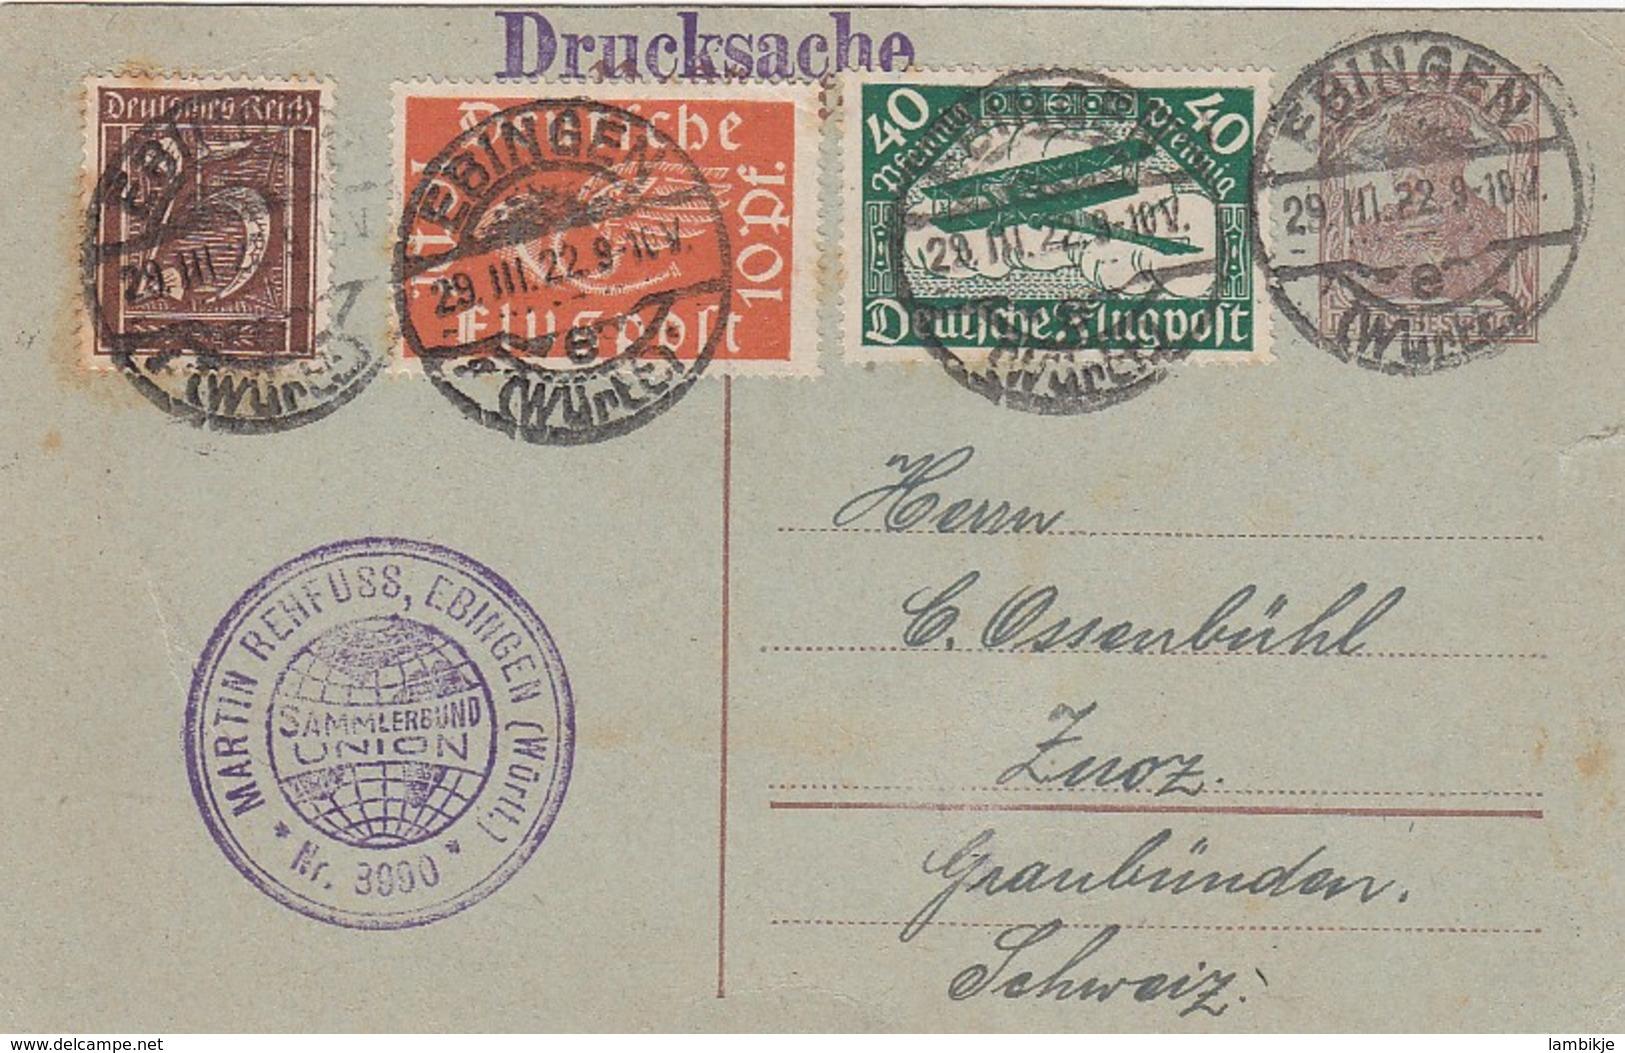 Deutsches Reich Postkarte Flugpost 1922 - Briefe U. Dokumente